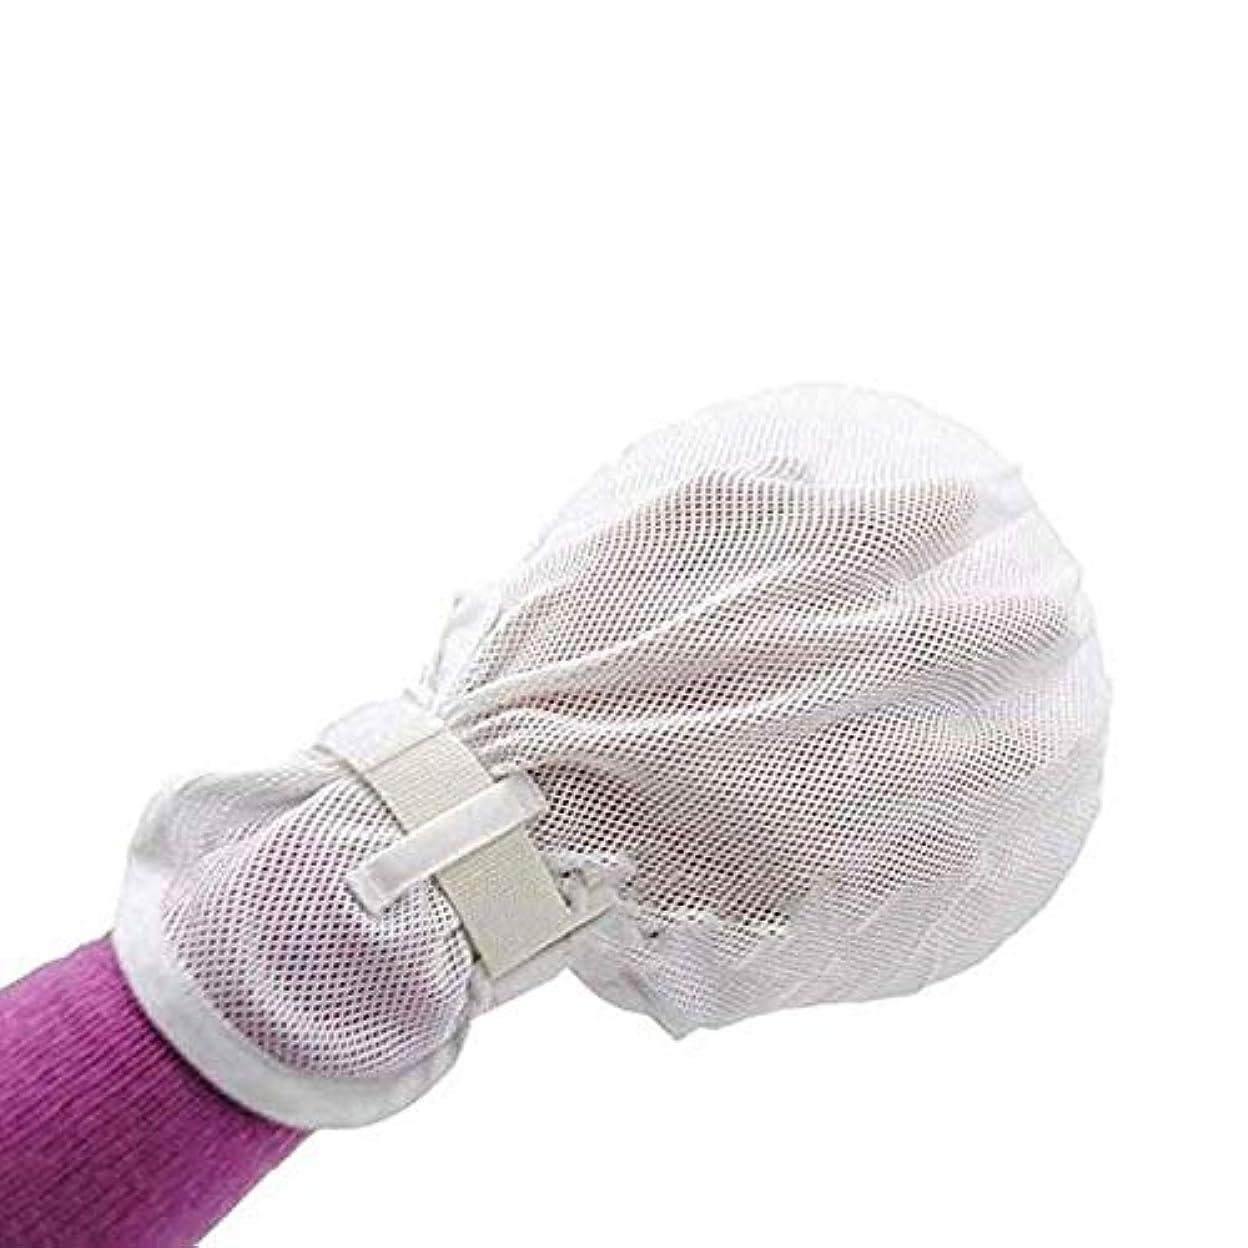 探偵シール薄いです冷却ネット保護パッド、調節可能な手首、指の怪我を防ぐフィンガーコントロールグローブハンド 手袋、保護内側の傷防止パッド(1ペア)